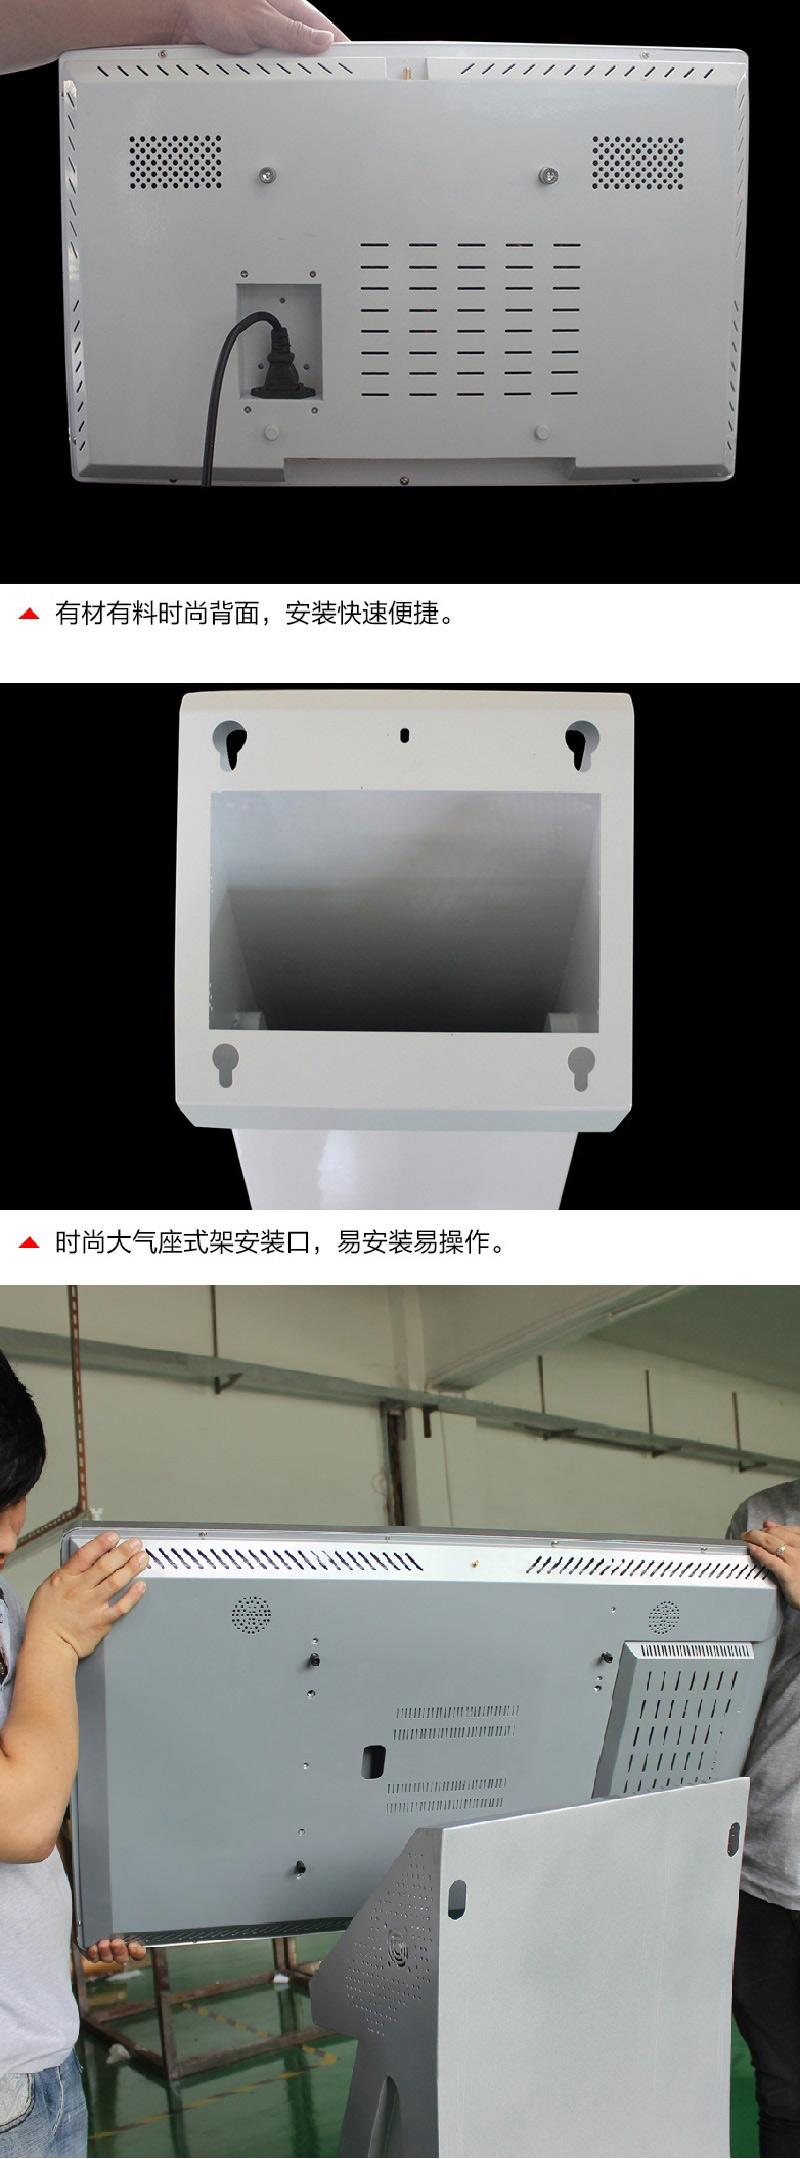 卧式15.6寸电容触摸一体机PC版安装方式